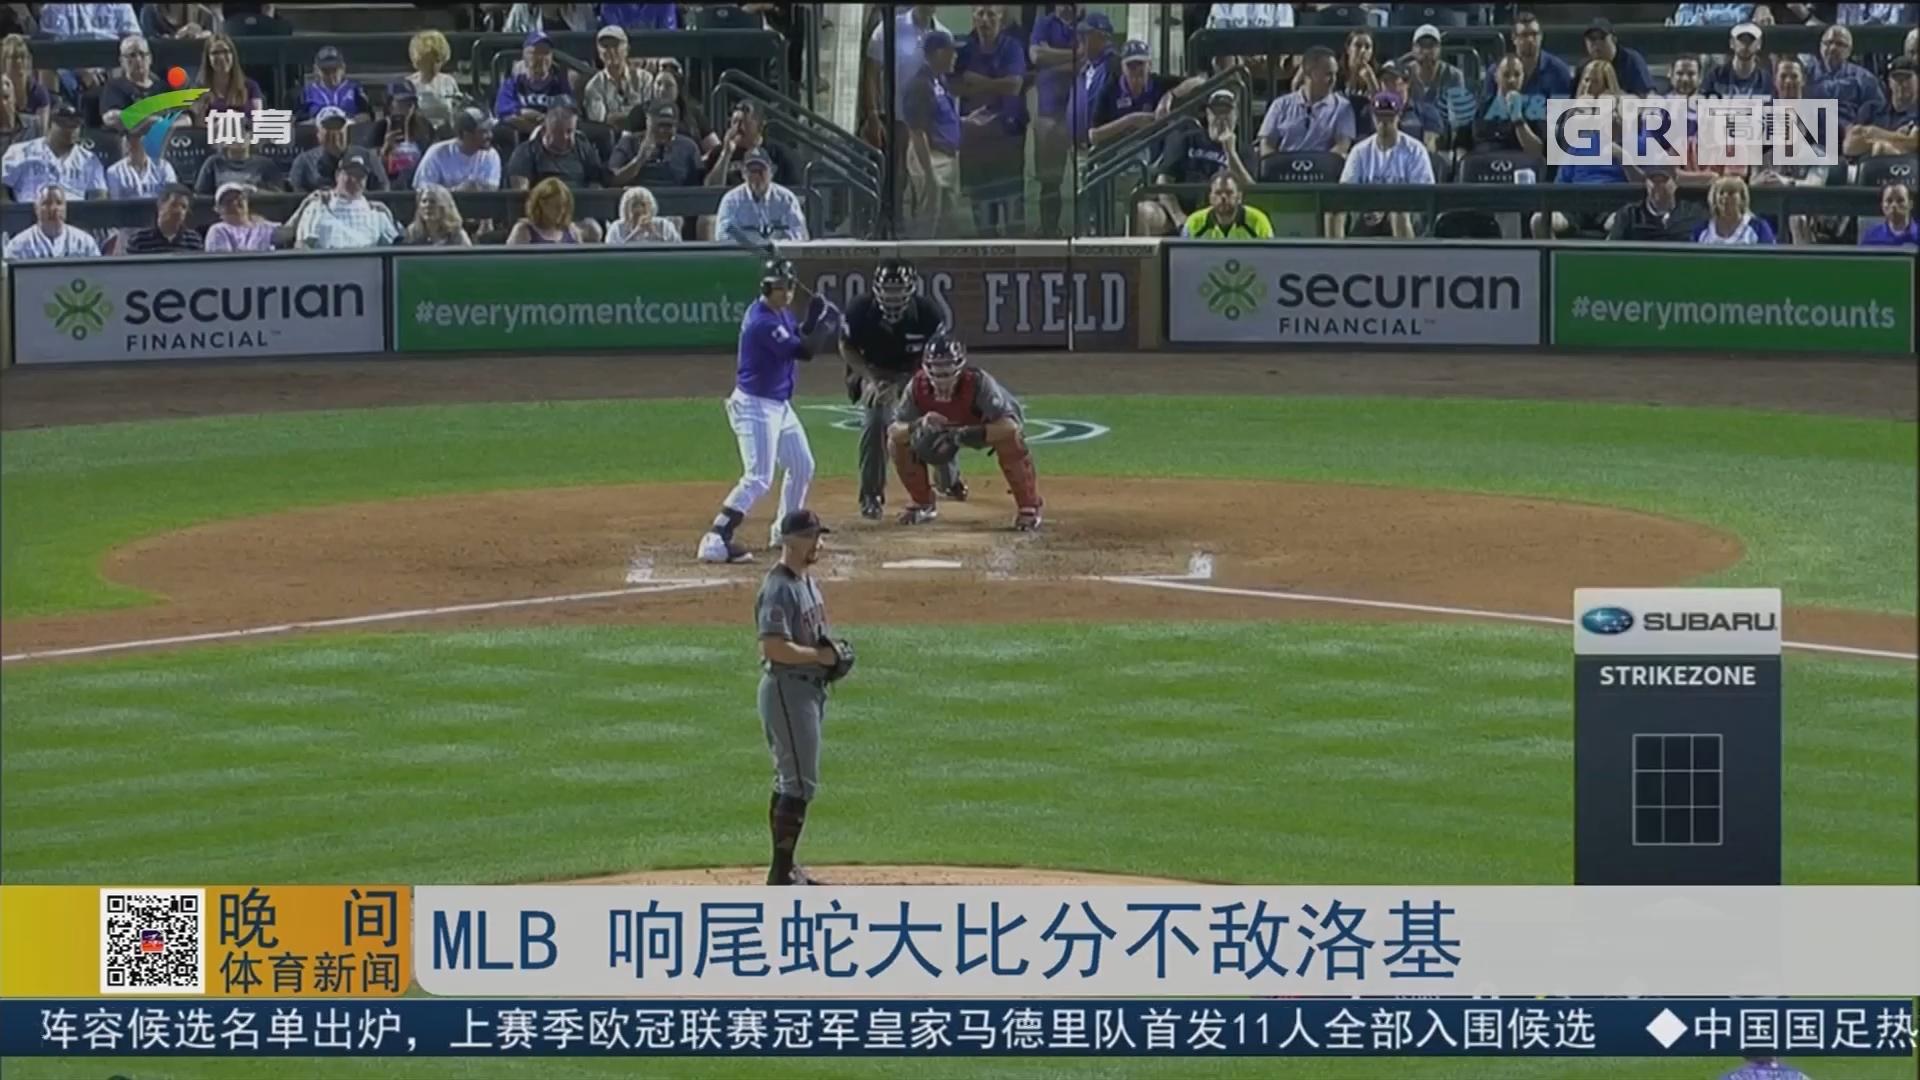 MLB 响尾蛇大比分不敌洛基